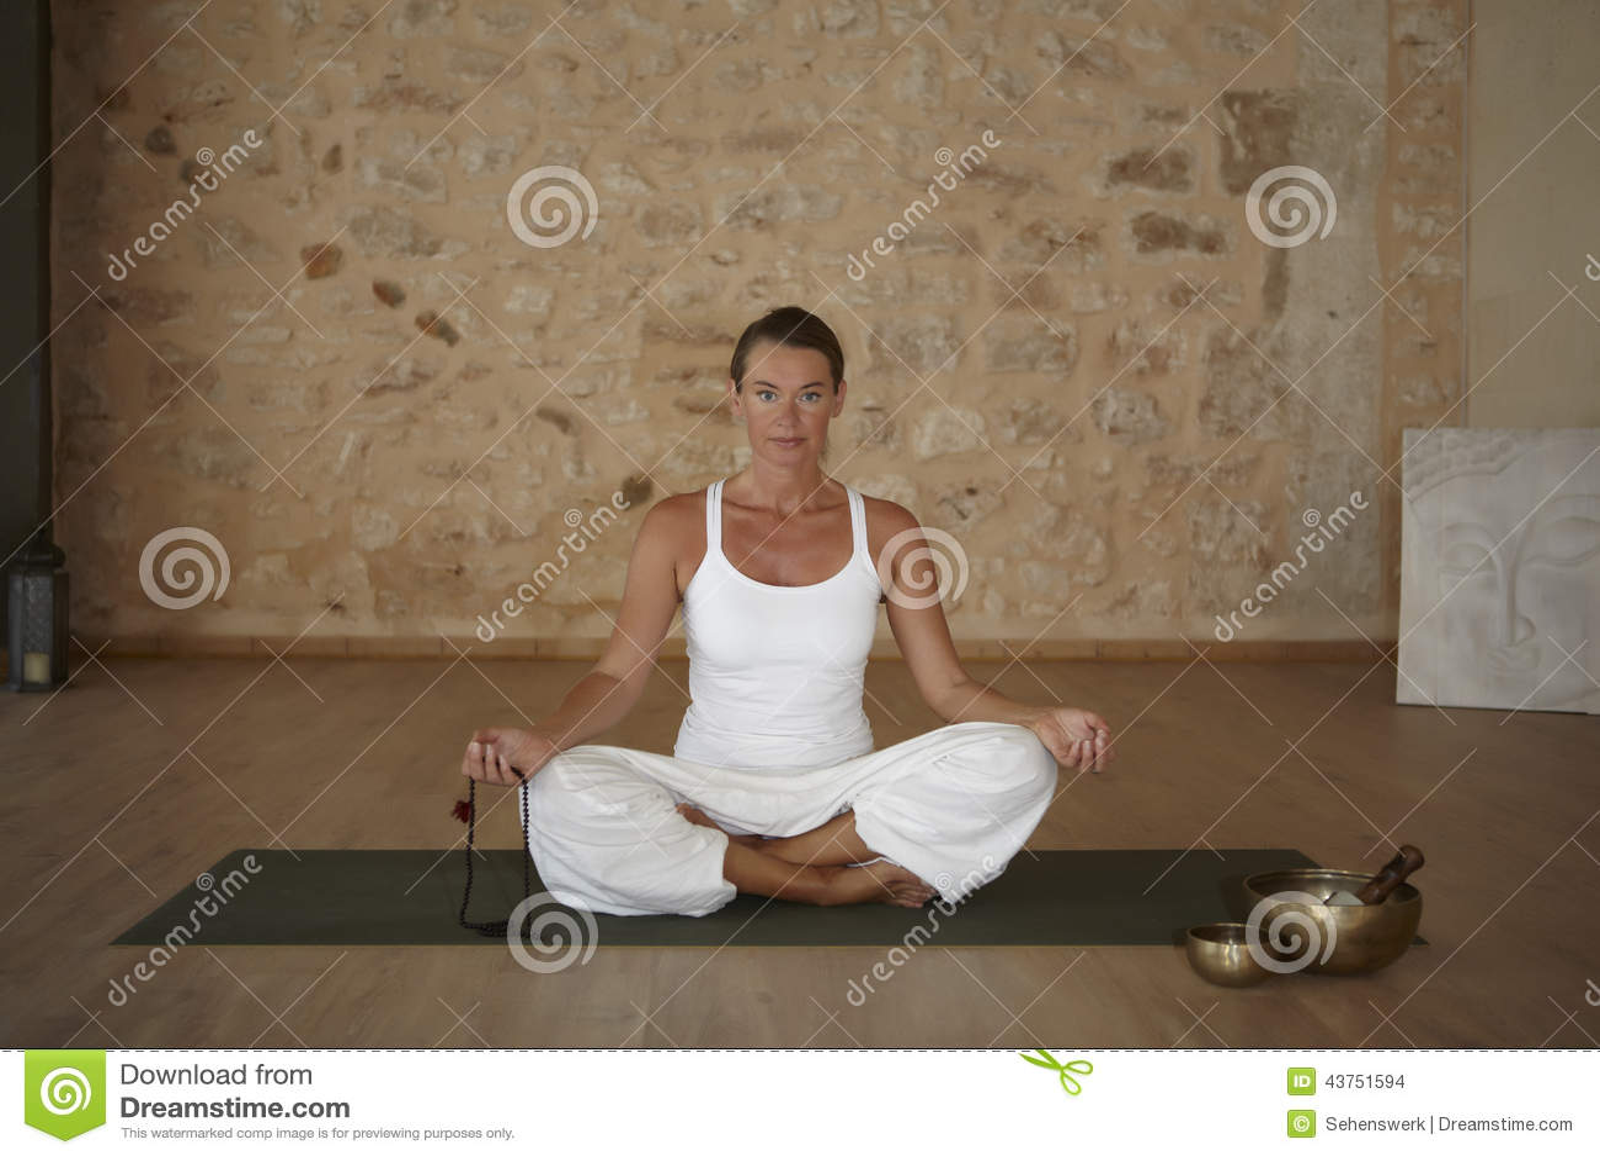 Exercício da ioga interno em uma sala